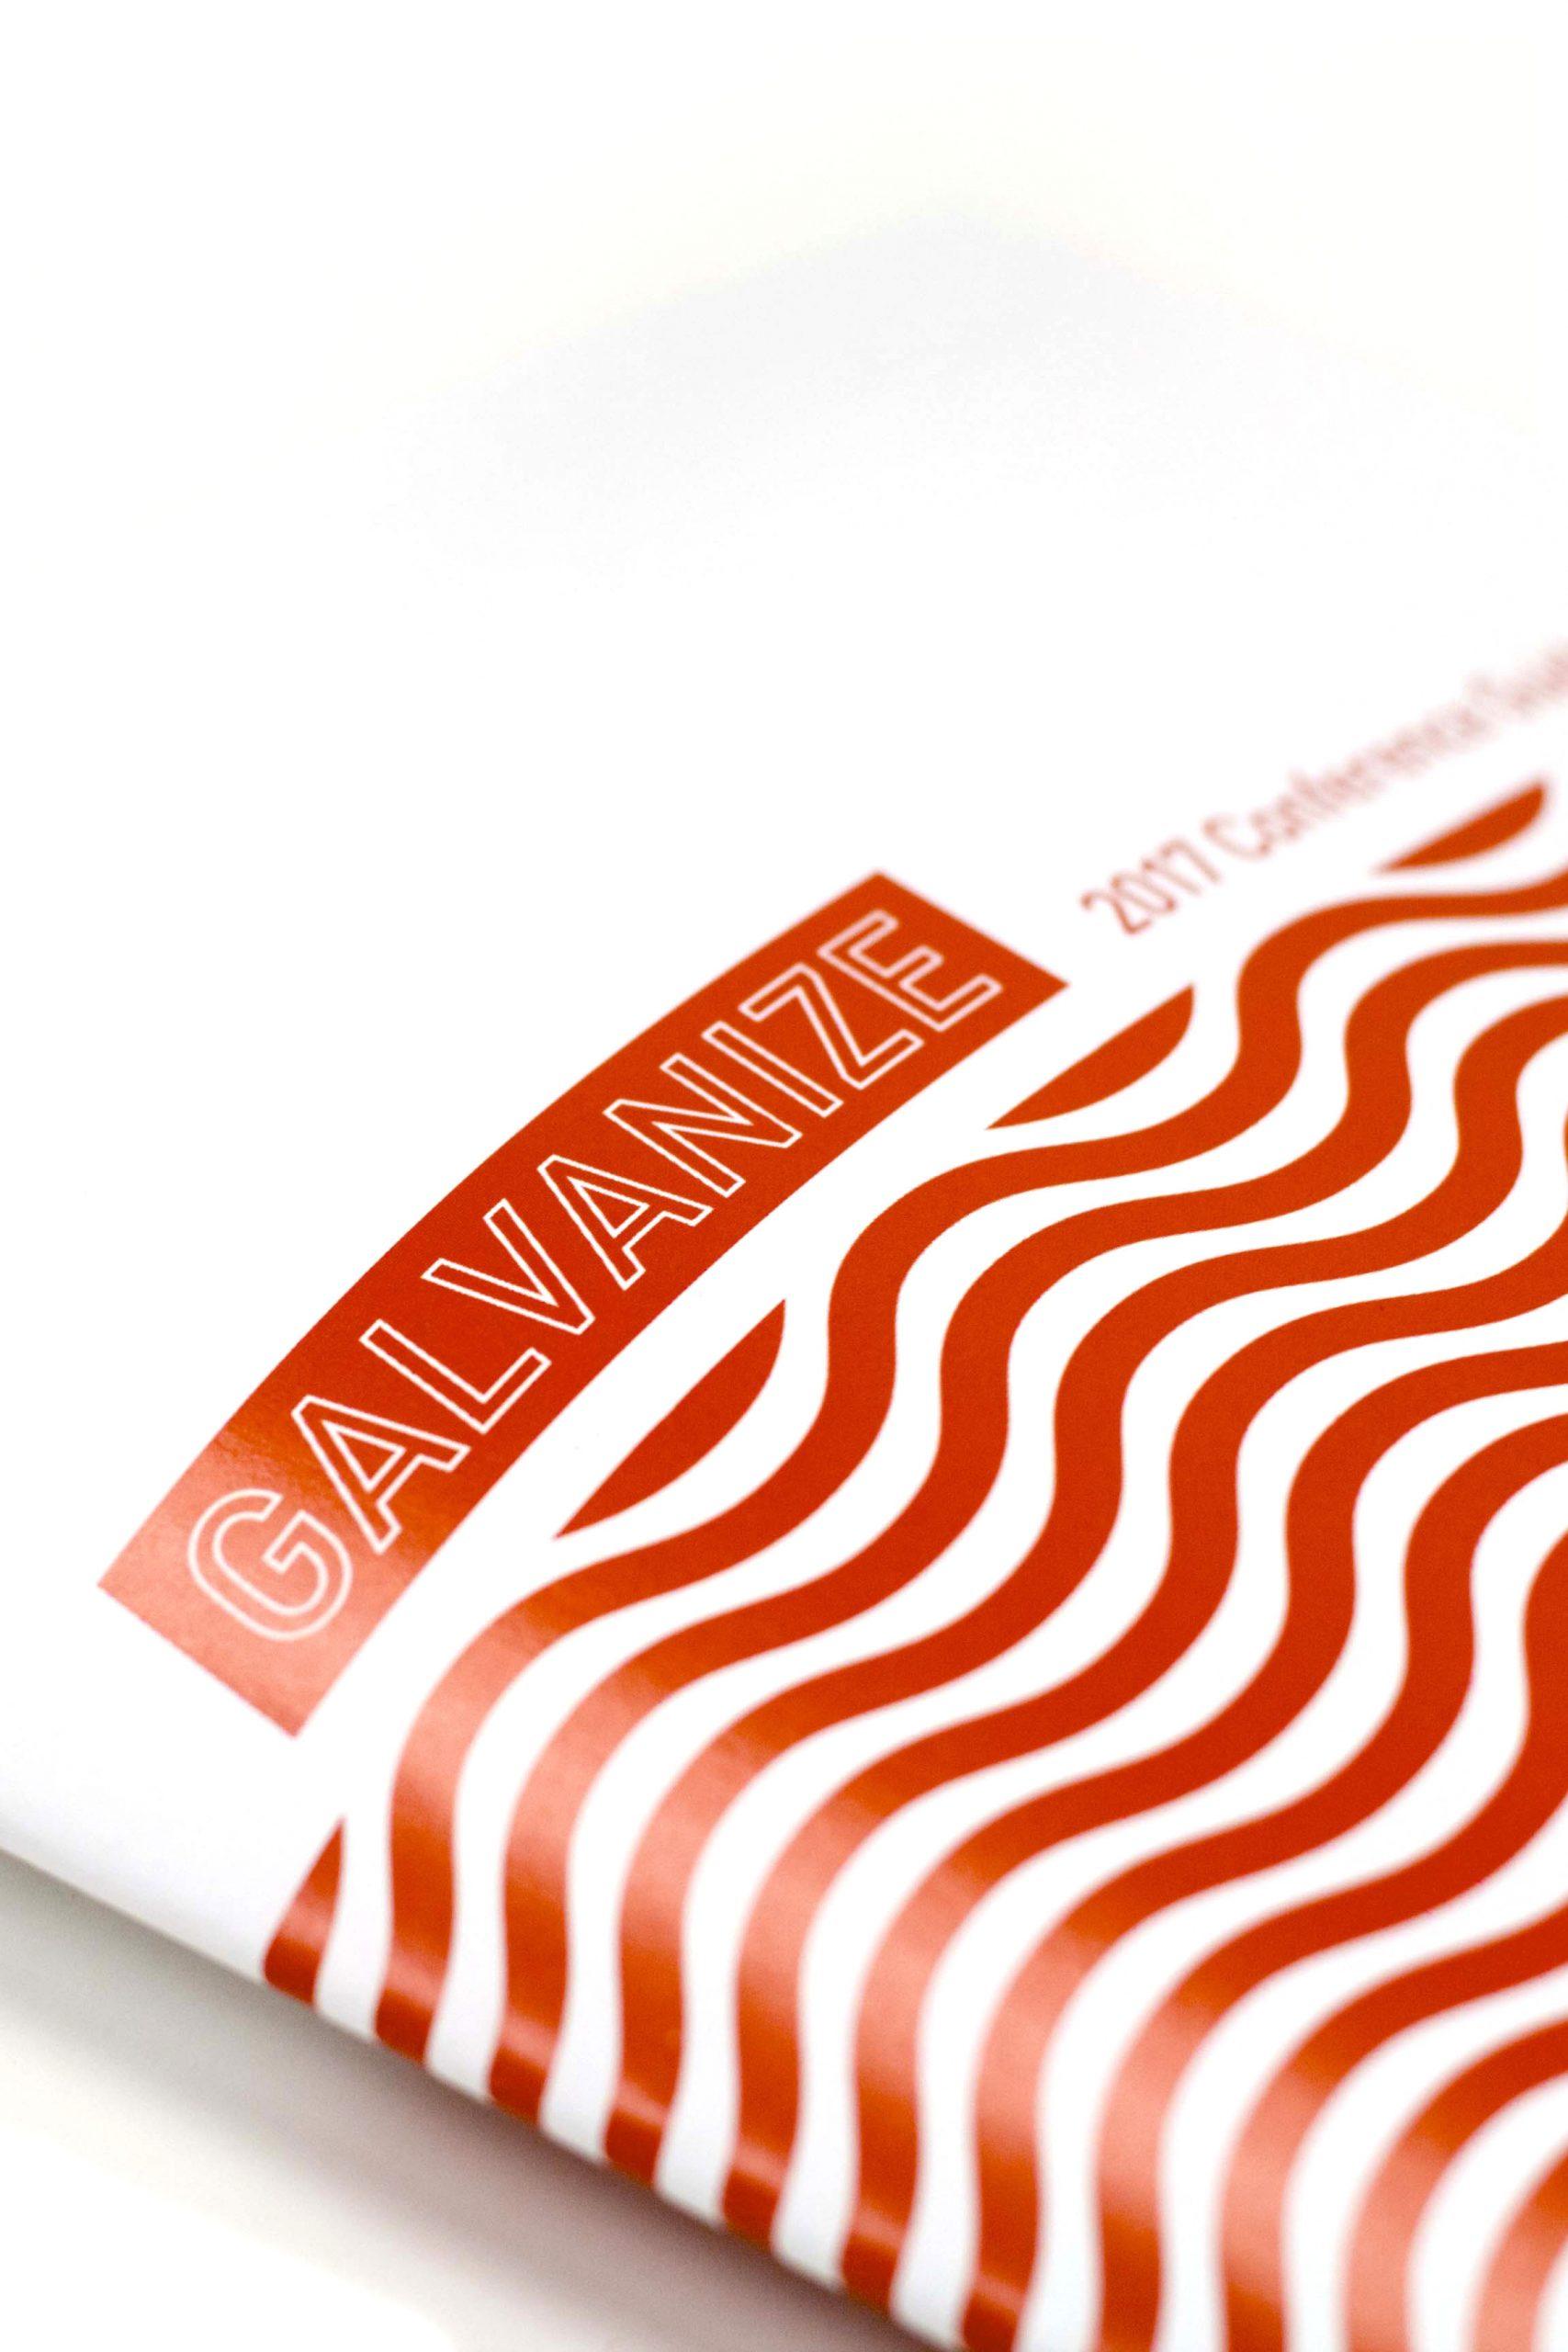 Galvanize Conference